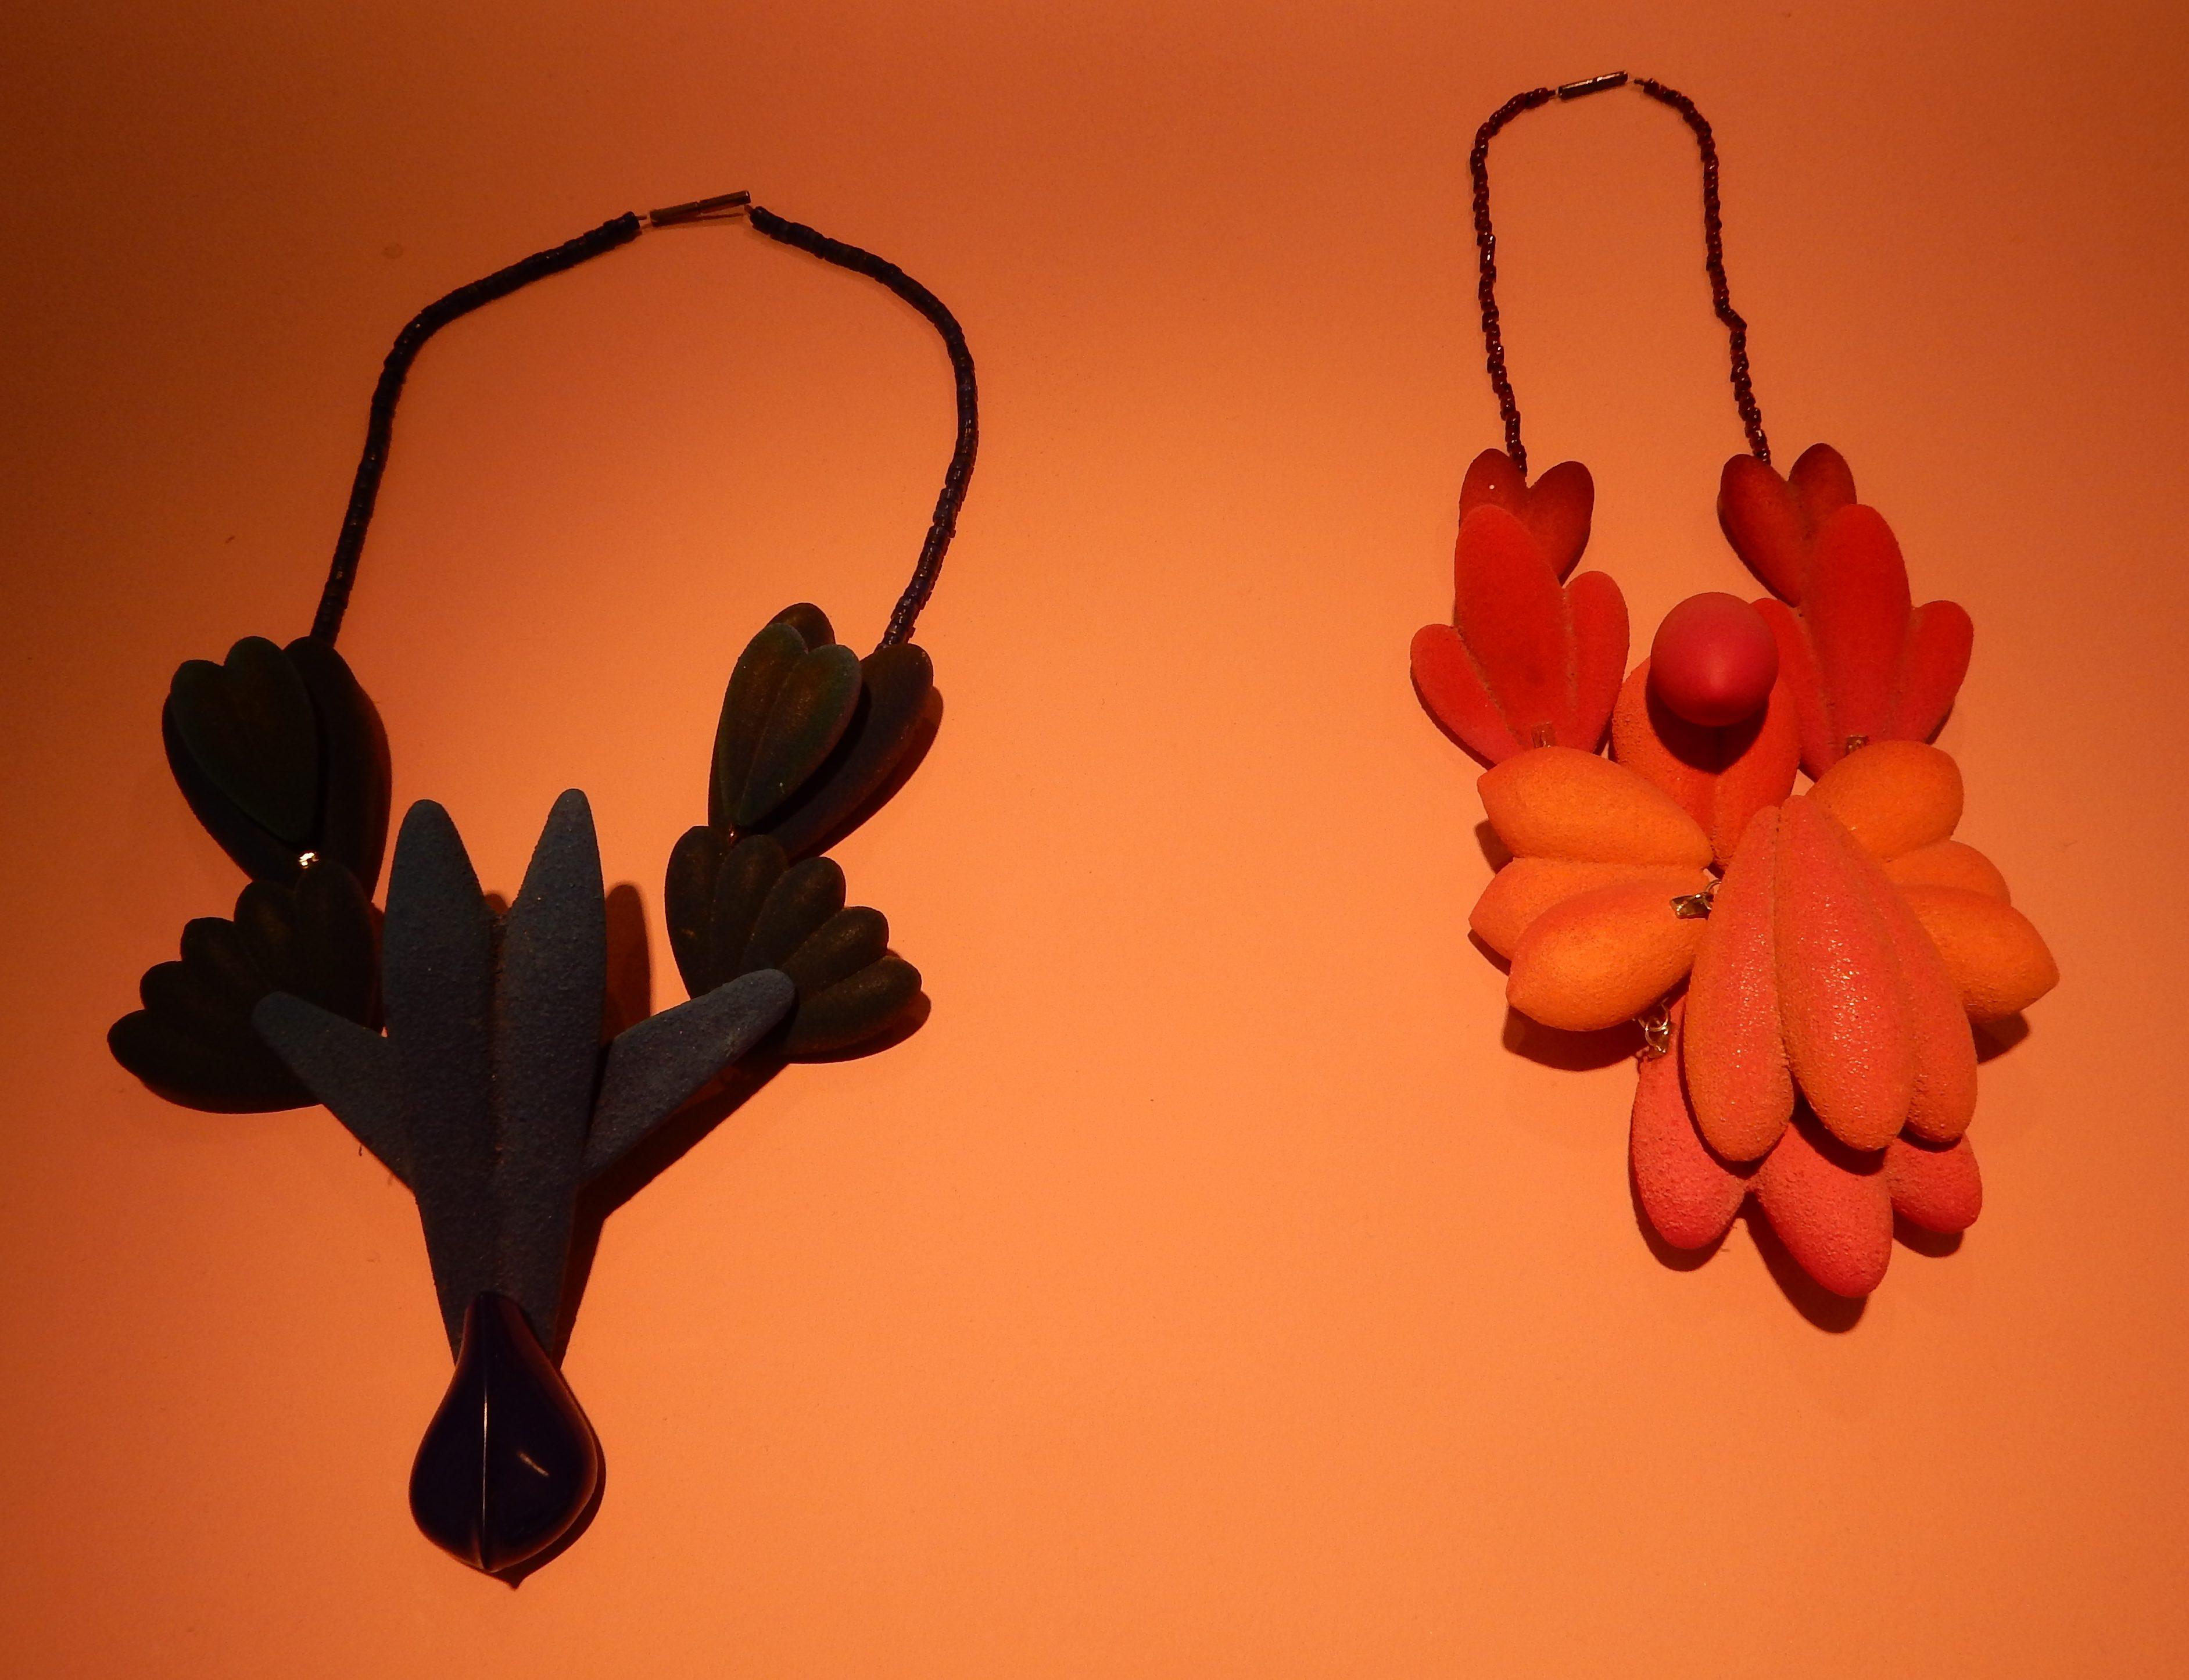 Tanel Veenre, halssieraden in Galerie Ra. Foto Esther Doornbusch, 10 november 2018, CC BY 4.0